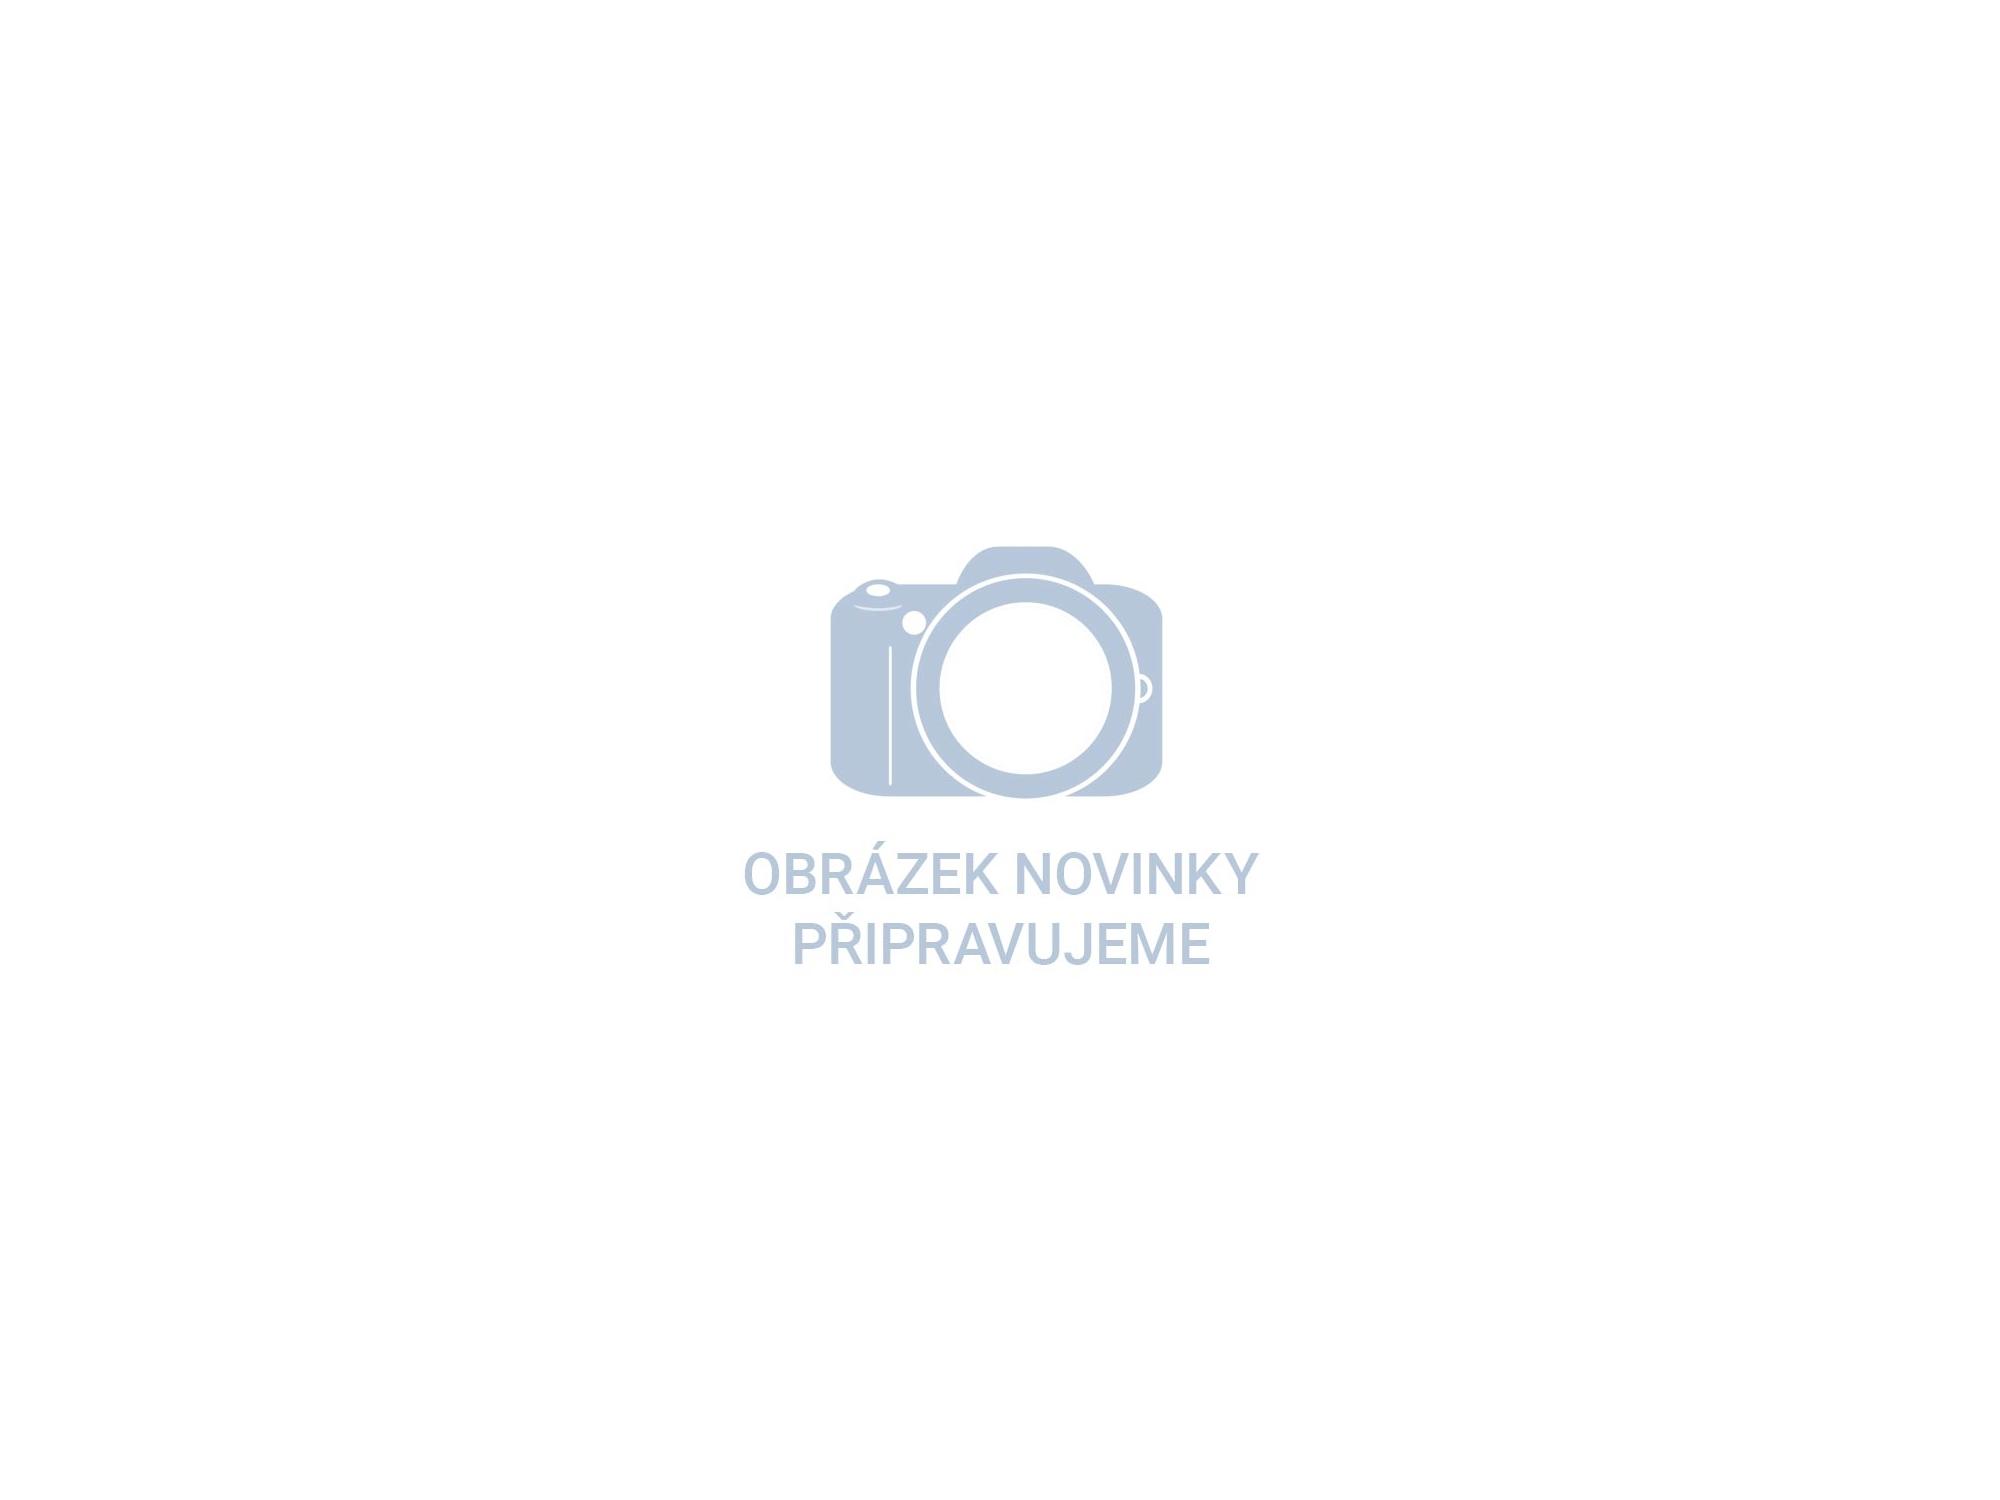 fréza karbidová, konická-jehlan, pr.10x20mm/stopka 6mm,sek střední(double-cut)